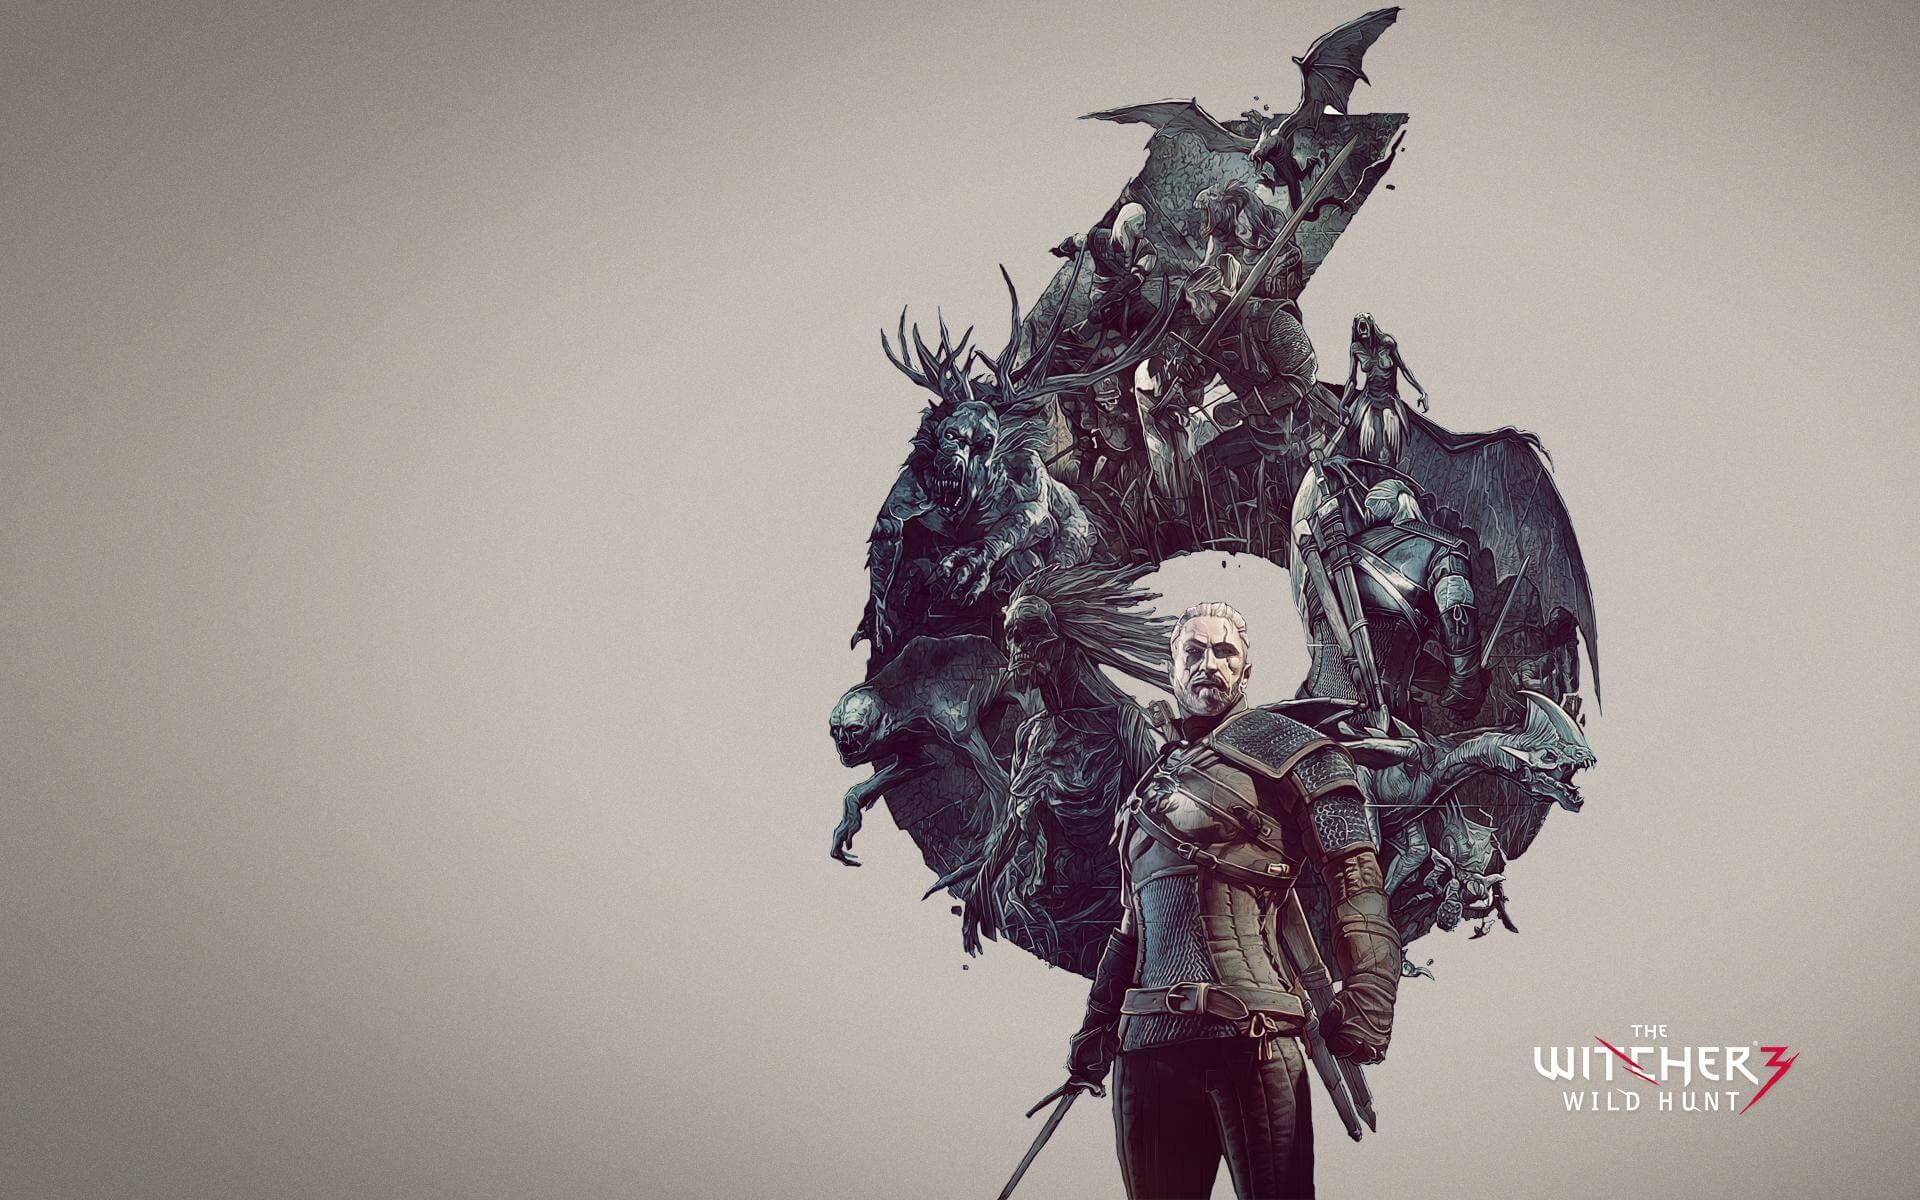 Download Geralt Swords the Witcher Wild Hunt Wallpaper x